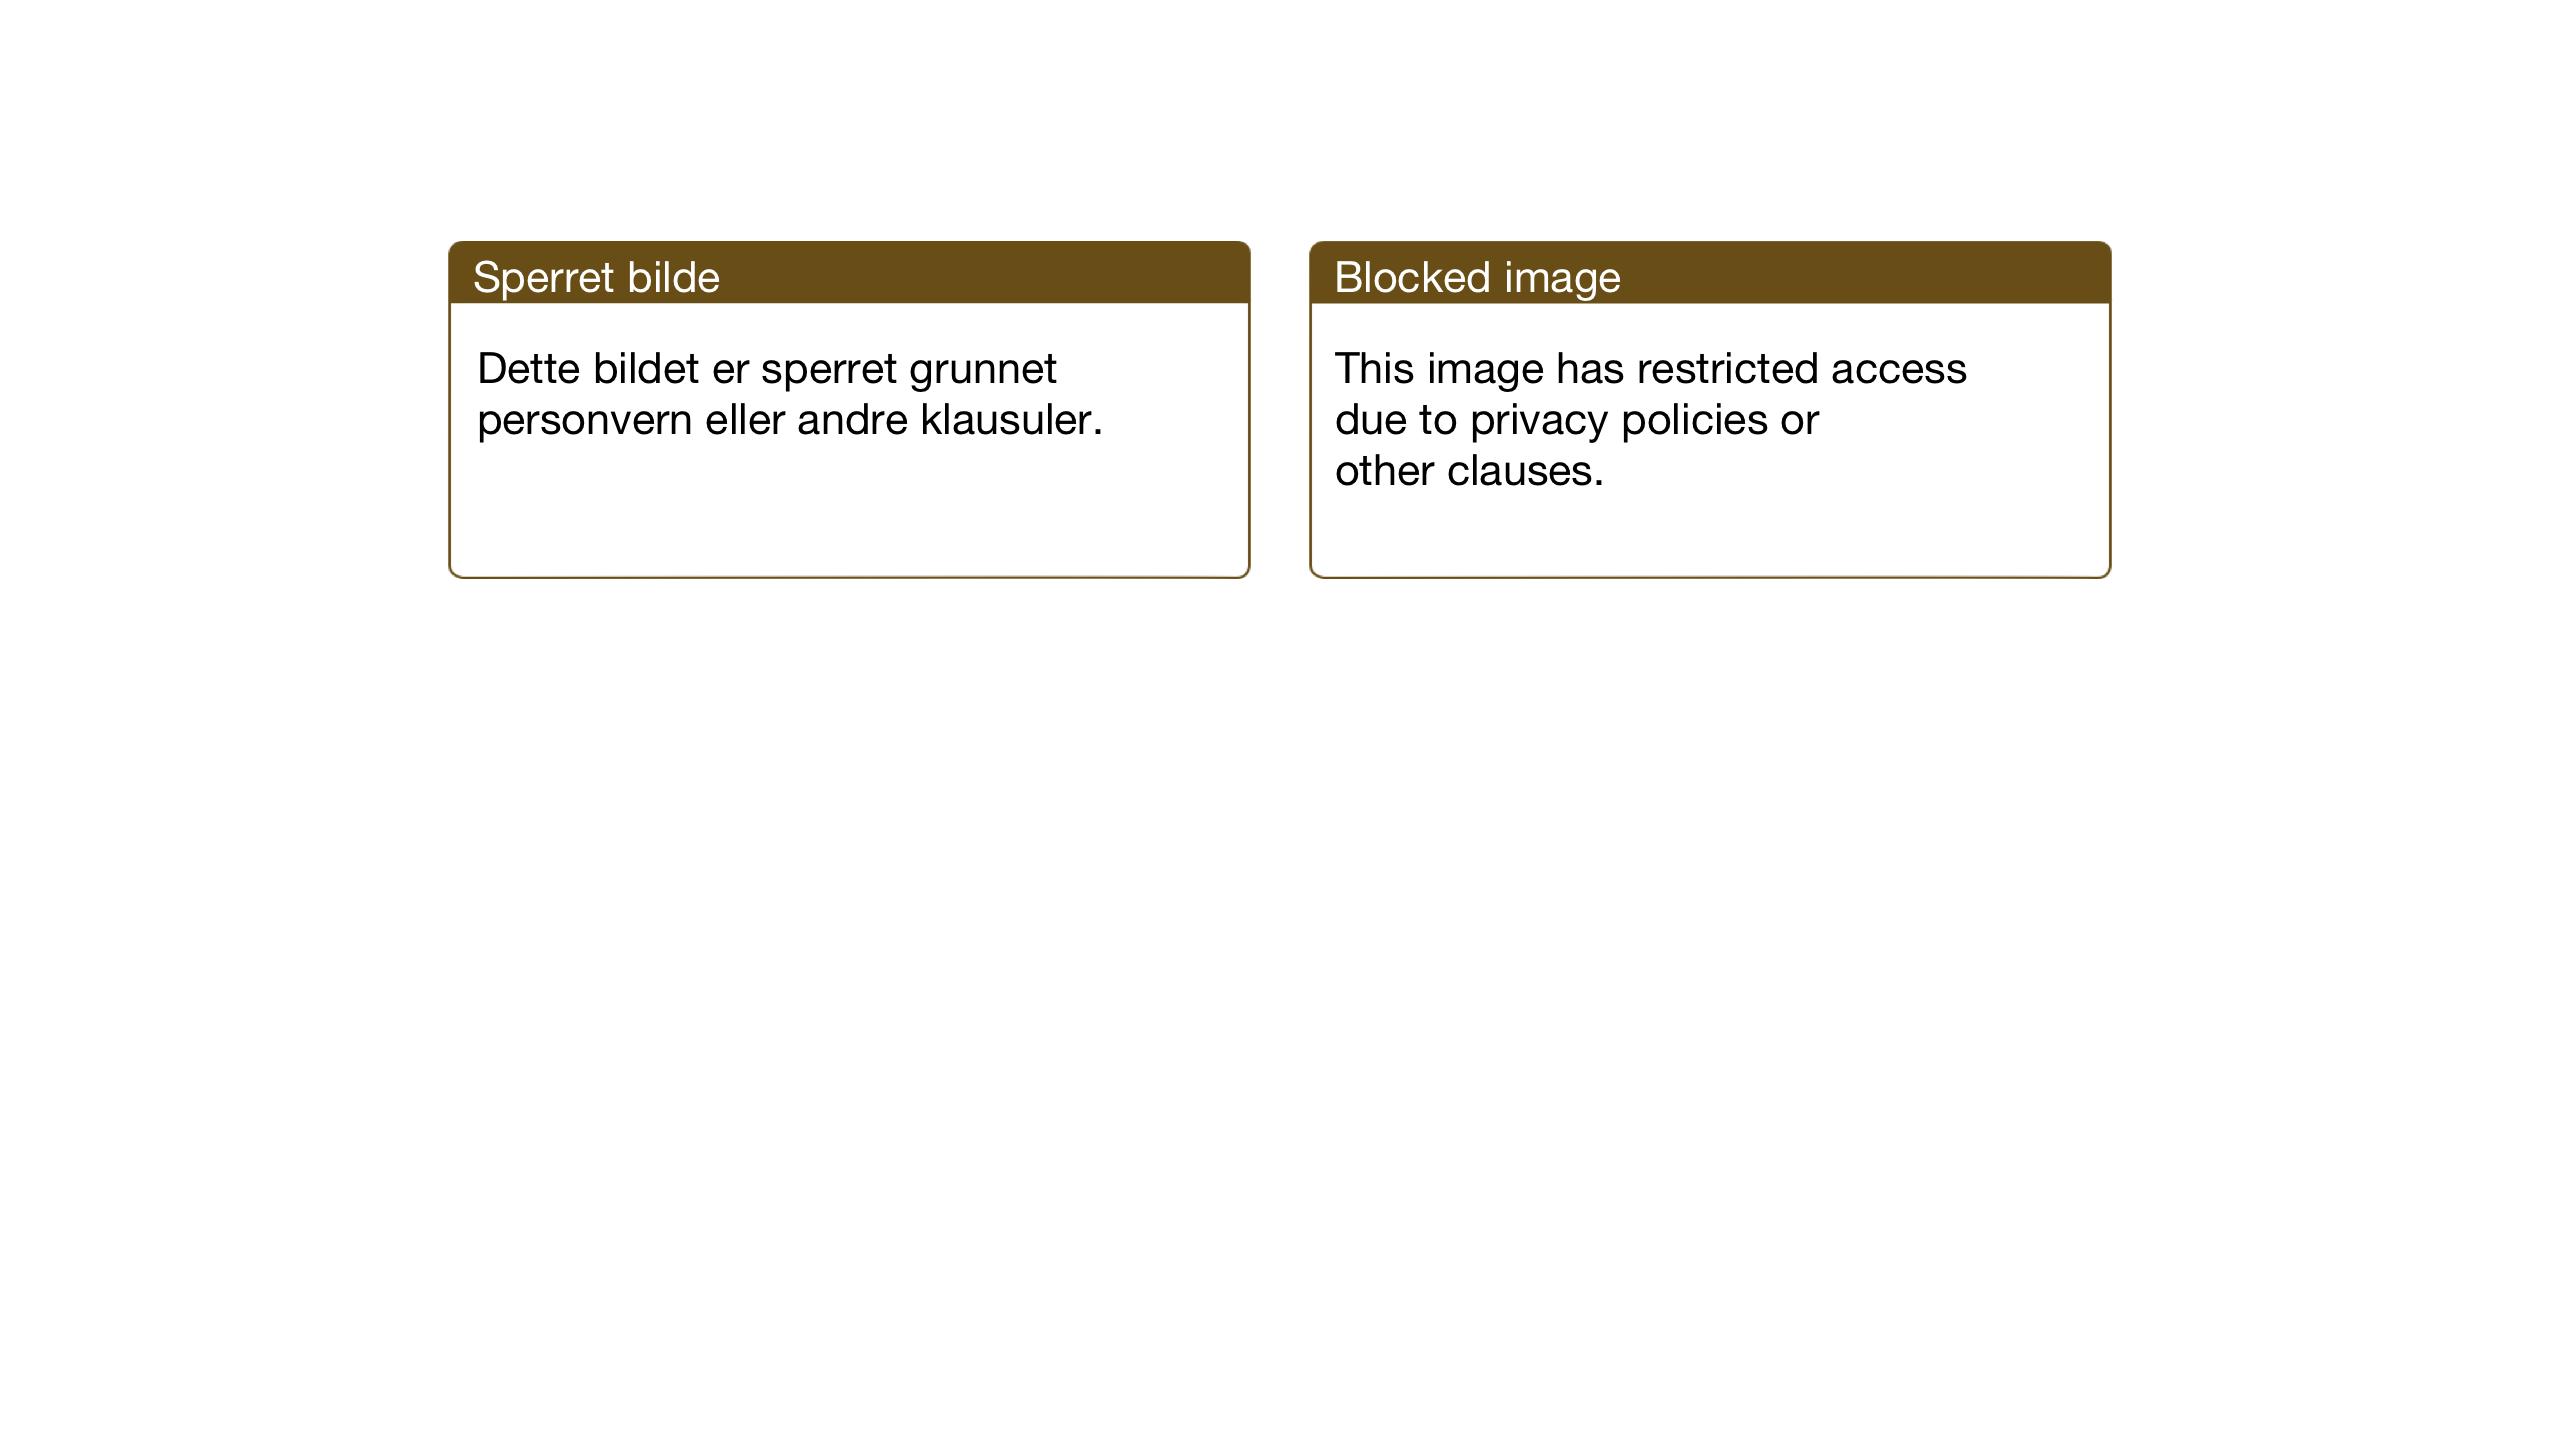 SAT, Ministerialprotokoller, klokkerbøker og fødselsregistre - Sør-Trøndelag, 638/L0569: Klokkerbok nr. 638C01, 1923-1961, s. 51